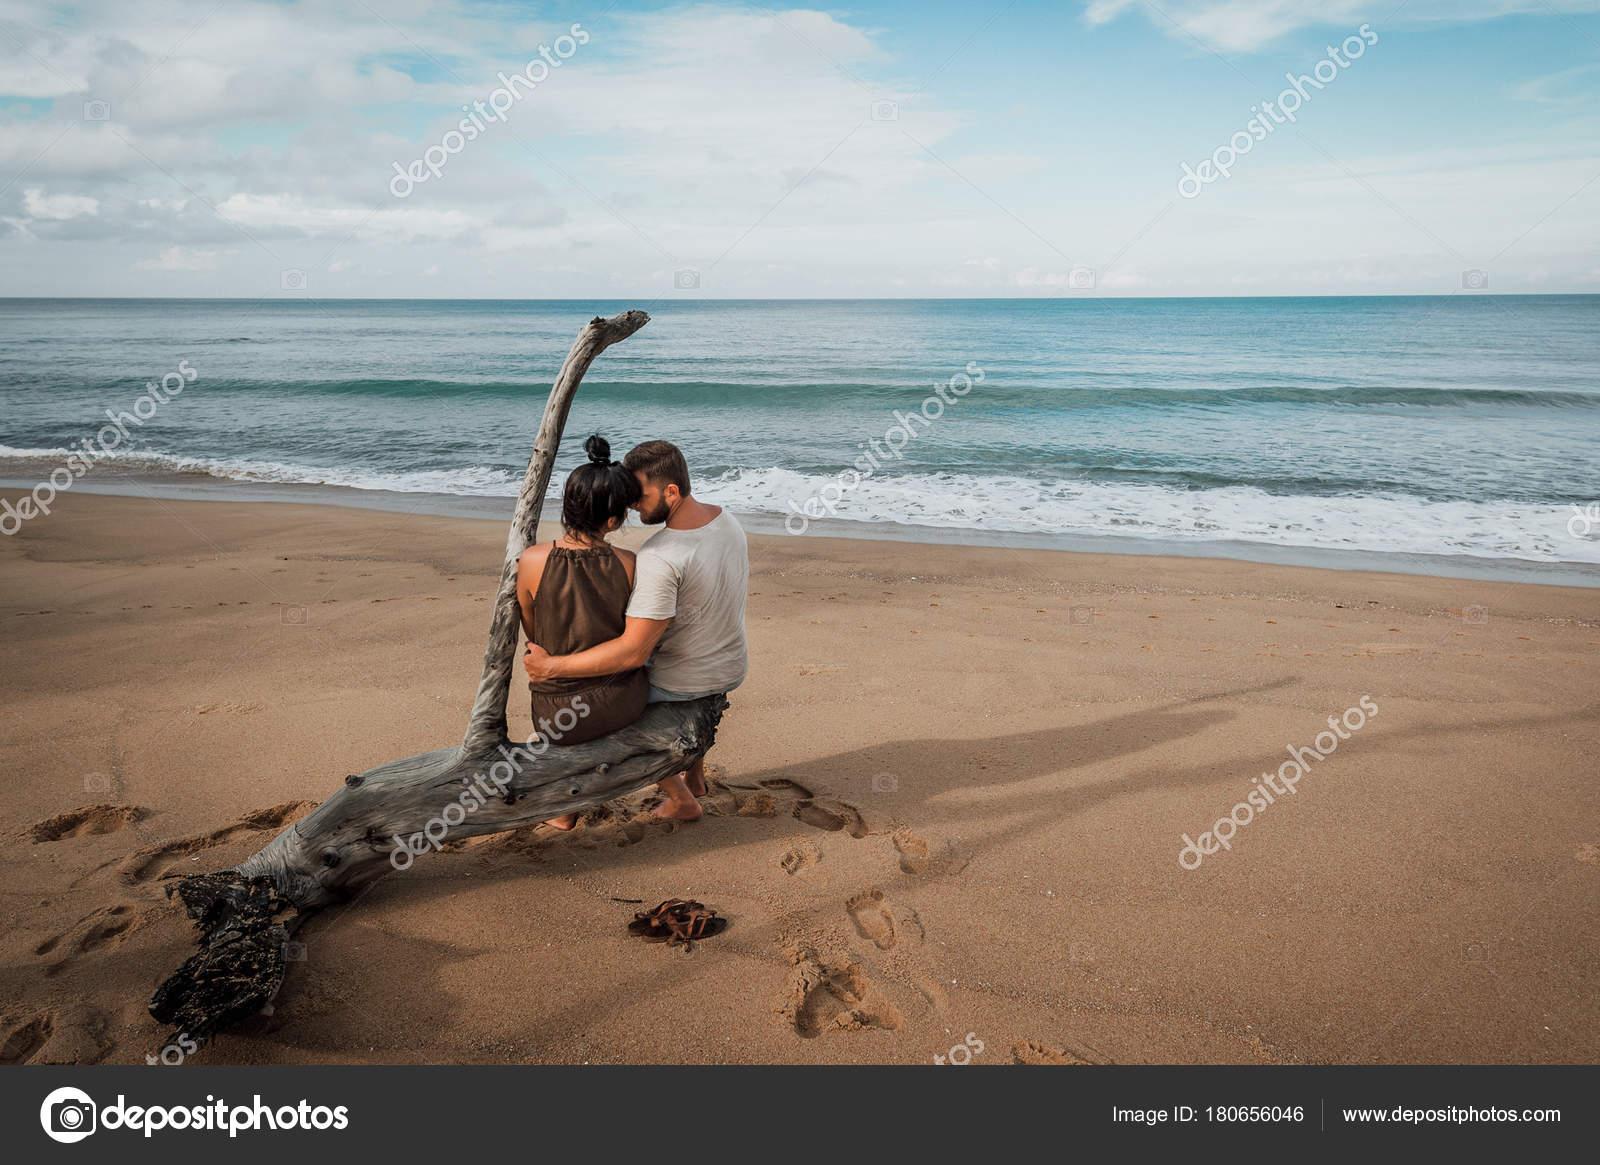 Interrassischer Sex Auf Dem Meer